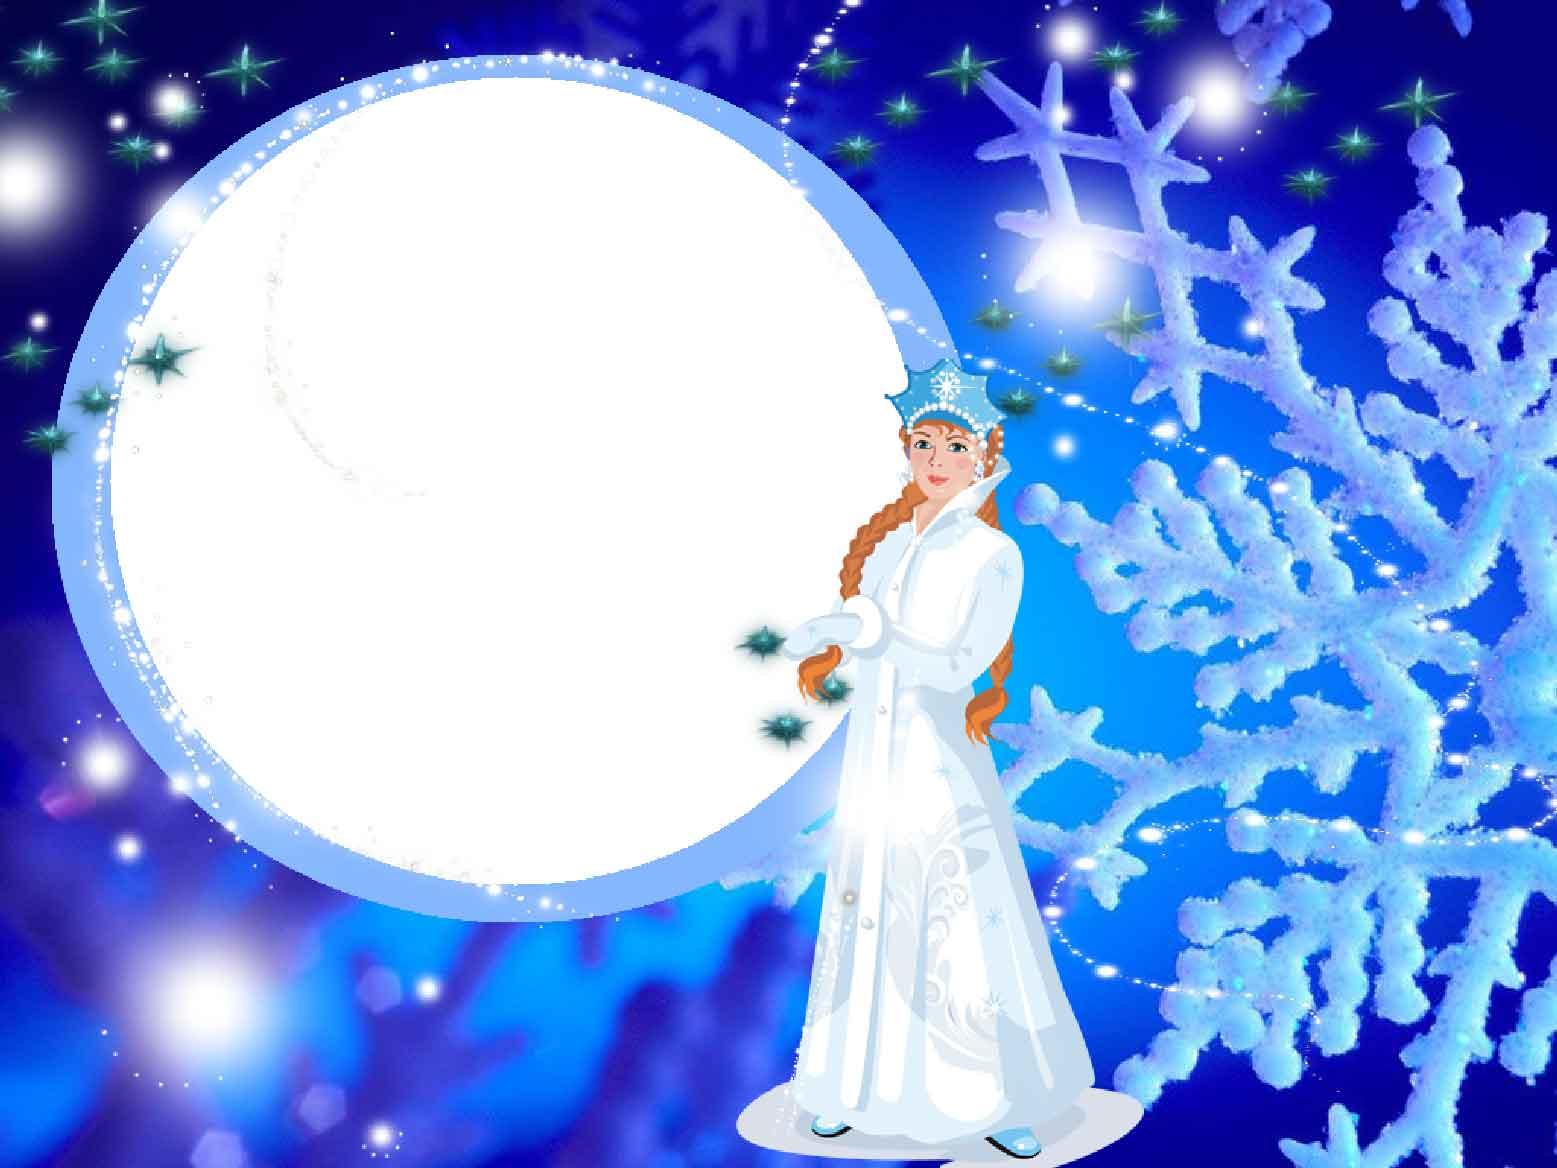 Новогодние рамки. Потрясающе яркая и красивая новогодняя рамка для фотошопа. Если Вы хотите сделать оригинальное оформление для детской или семейной фотографии, новогодняя рамка – это идеальное решение. Новогодняя рамка ярко-синего цвета со снежинками и круглой рамочкой под фото создаст праздничное настроение и будет отличным украшением для любой фотографии.